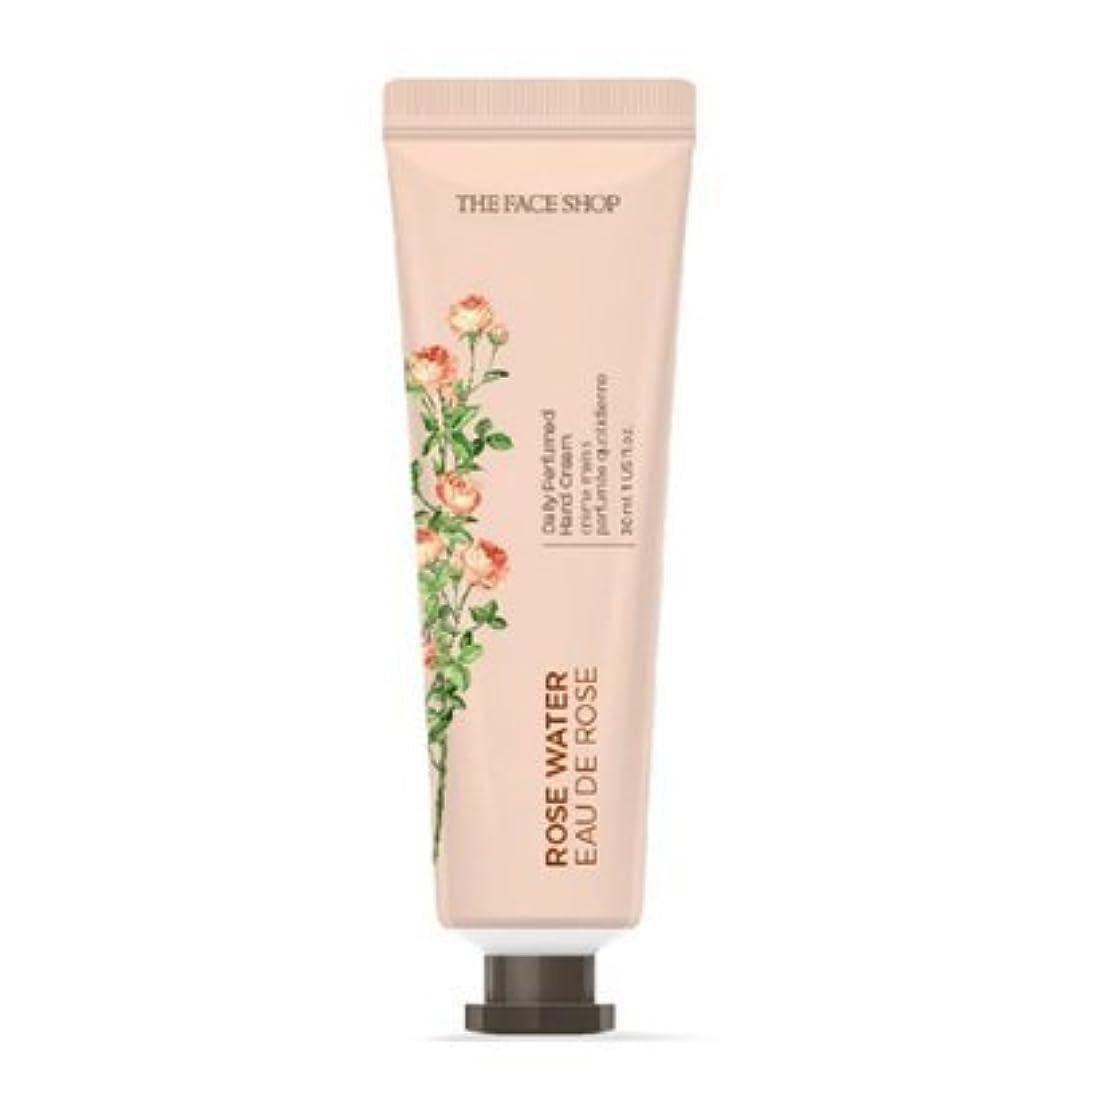 ご近所ミス海賊[1+1] THE FACE SHOP Daily Perfume Hand Cream [01.Rose Water] ザフェイスショップ デイリーパフュームハンドクリーム [01.ローズウォーター] [new] [並行輸入品]